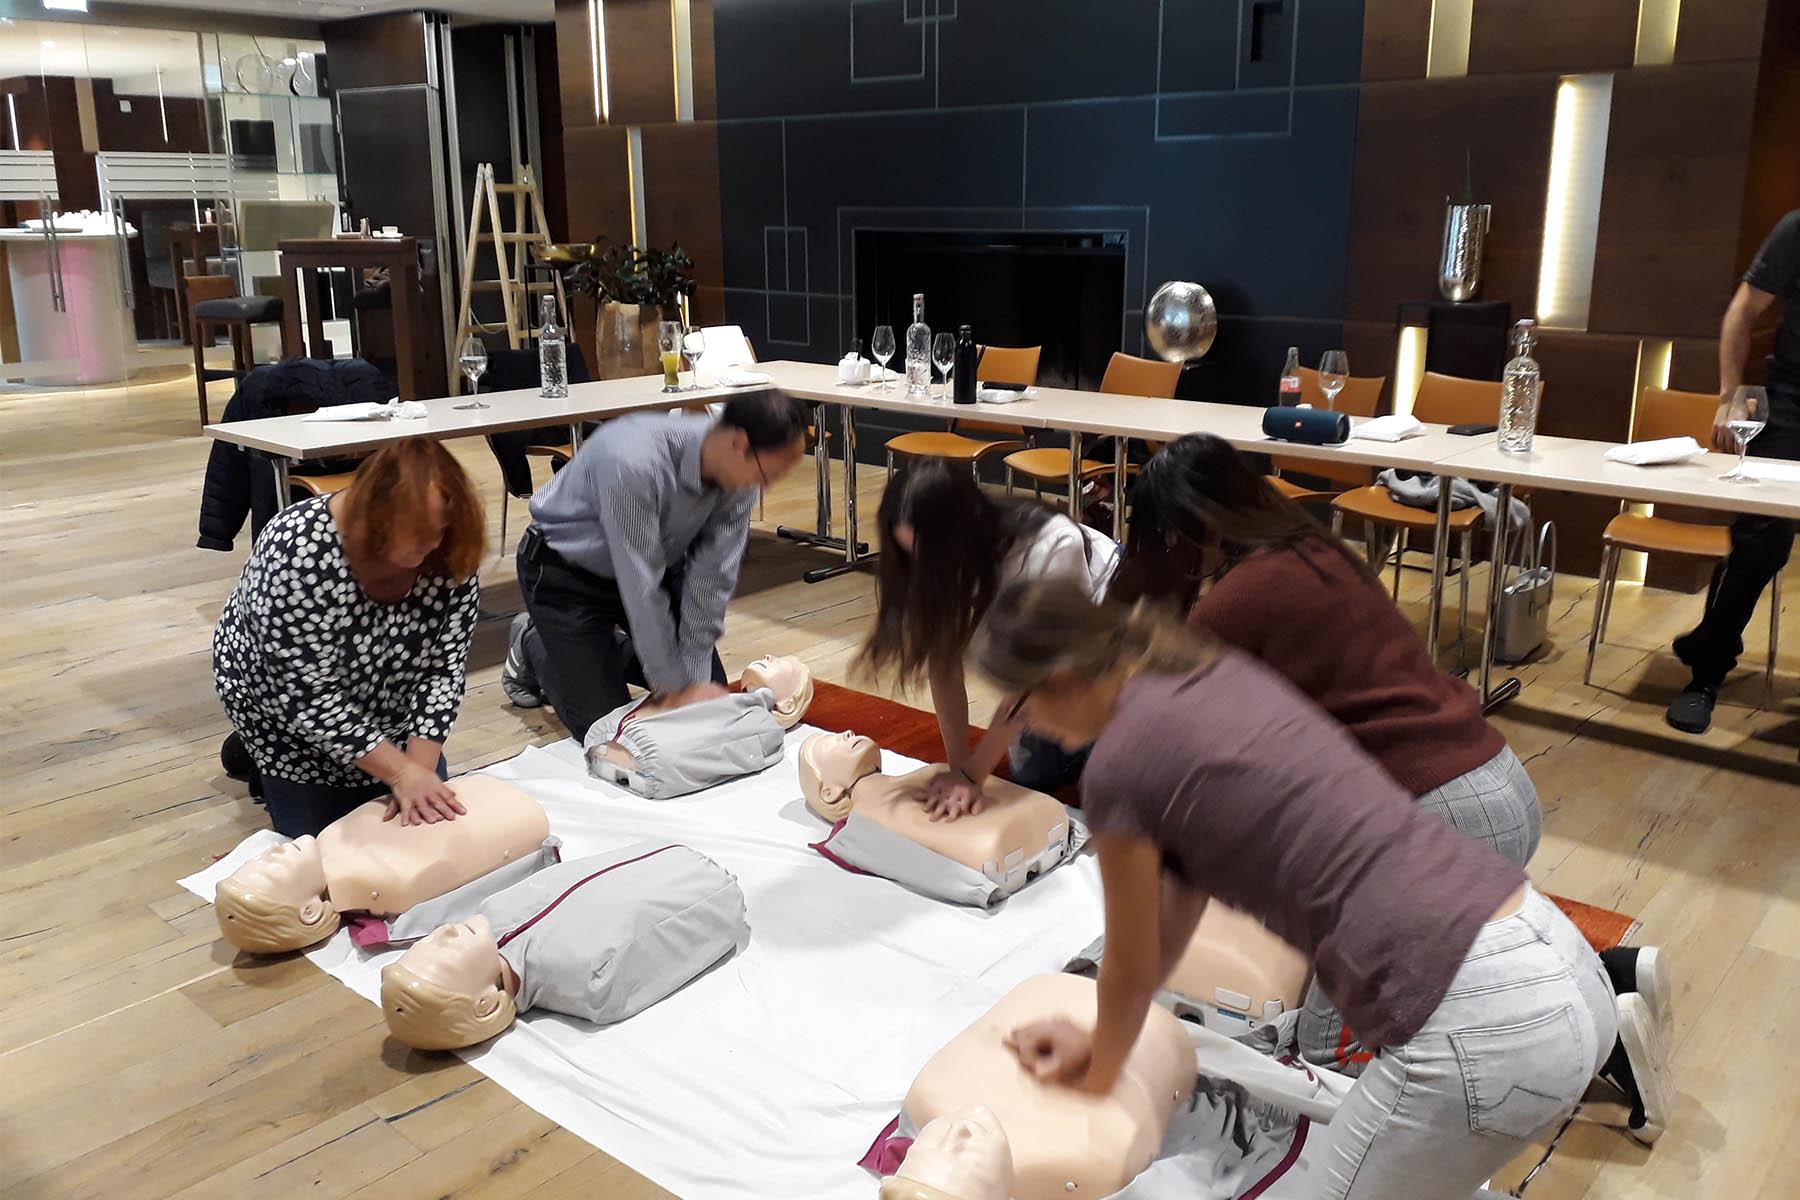 Erste-Hilfe-Kurs im 5-Sterne Hotel Das Central in Sölden